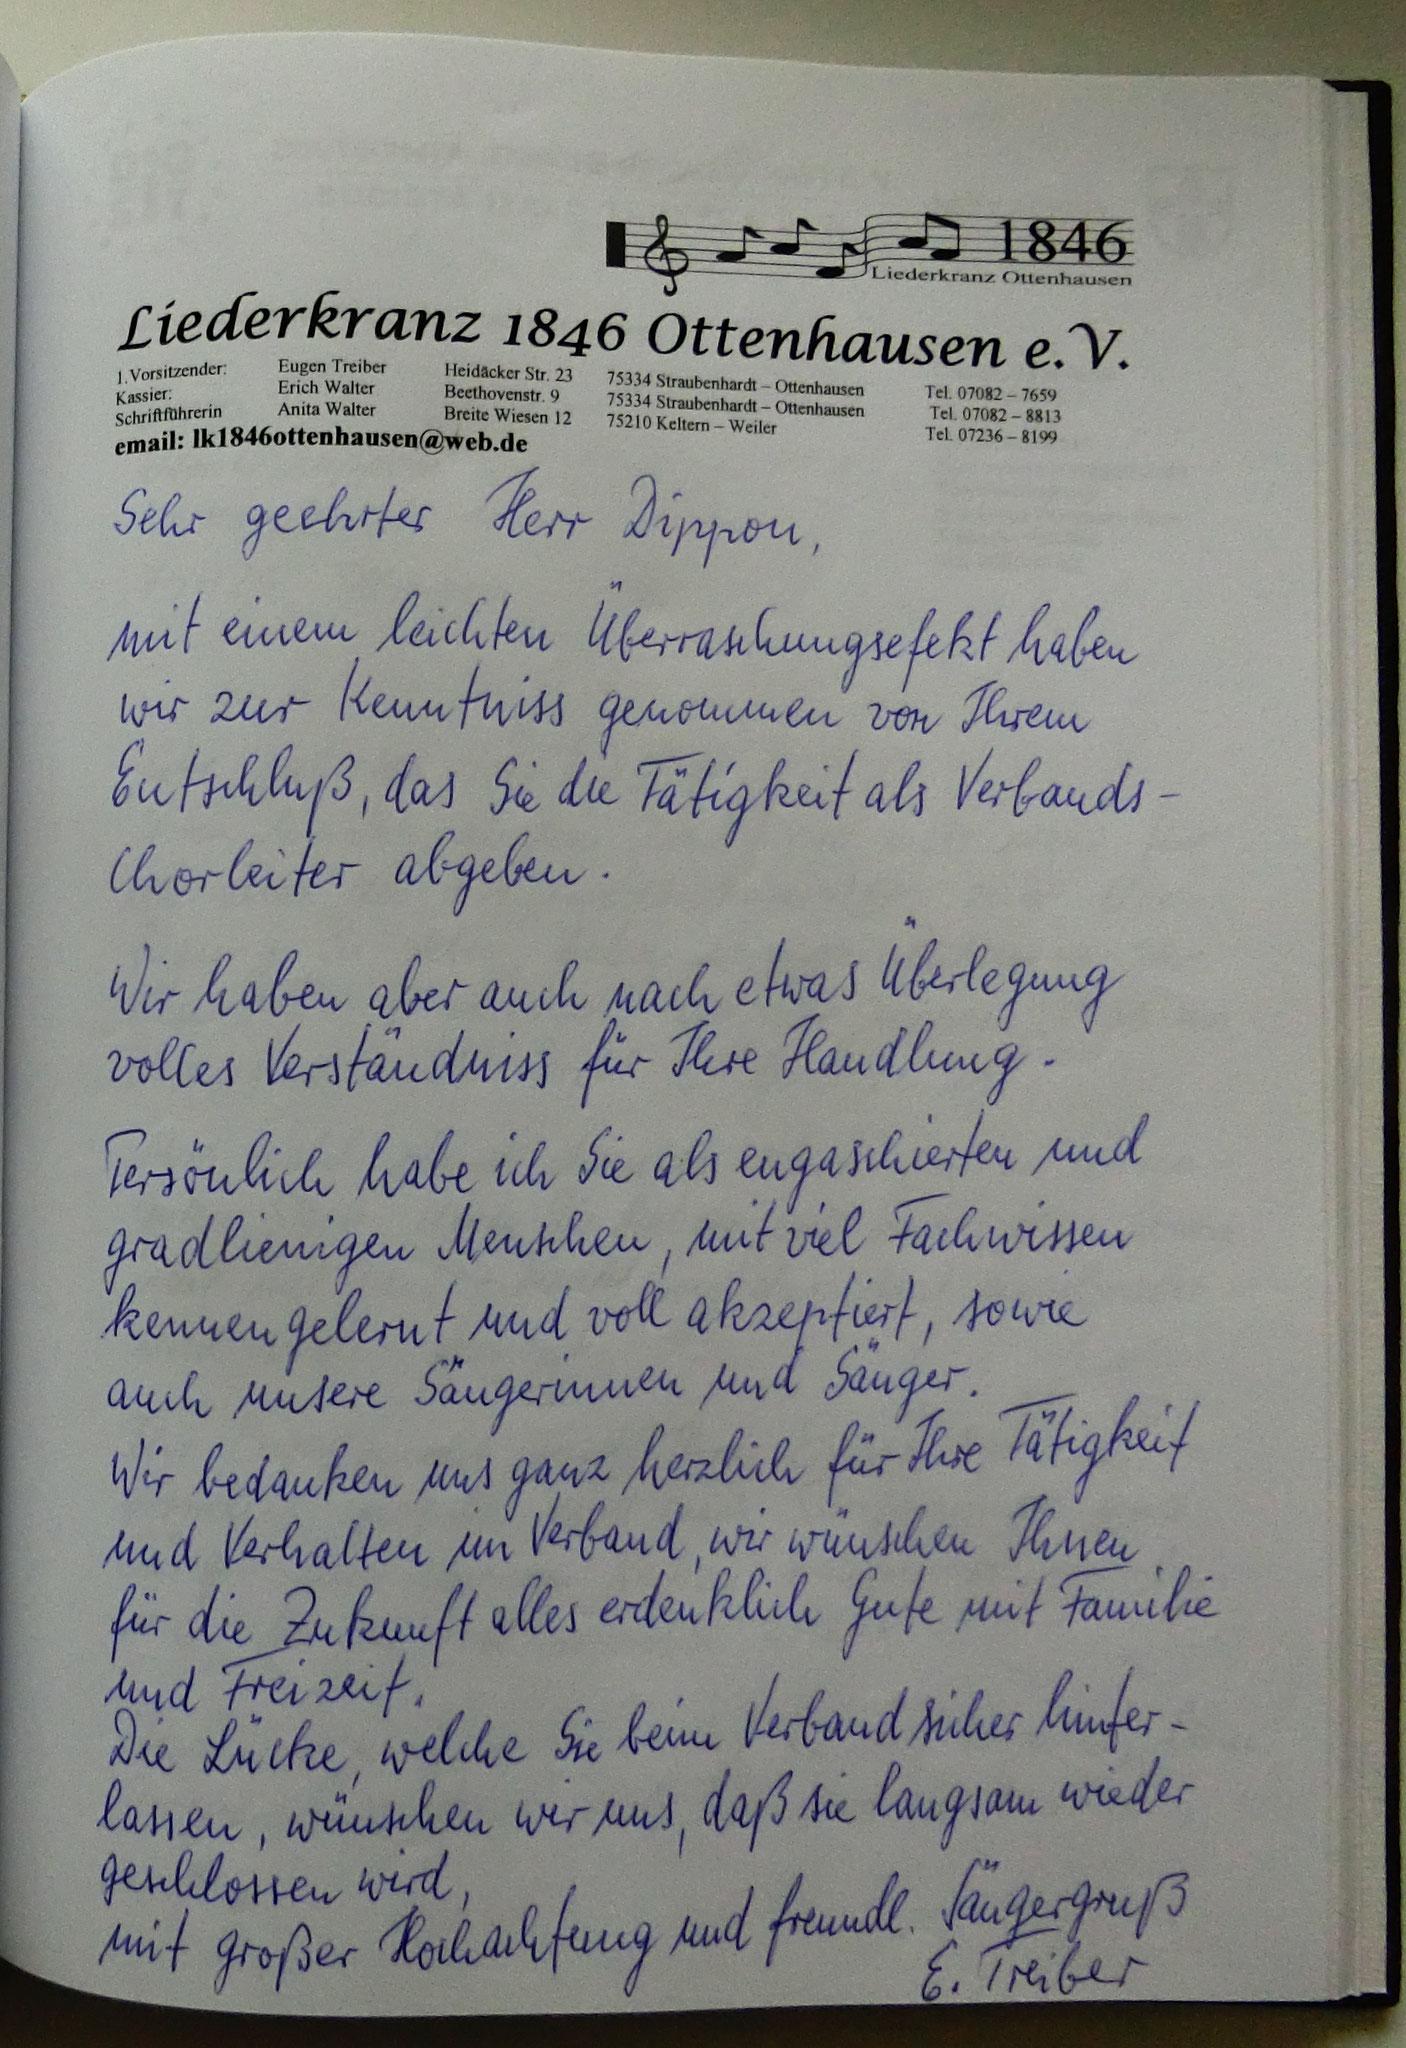 Liederkranz Ottenhausen